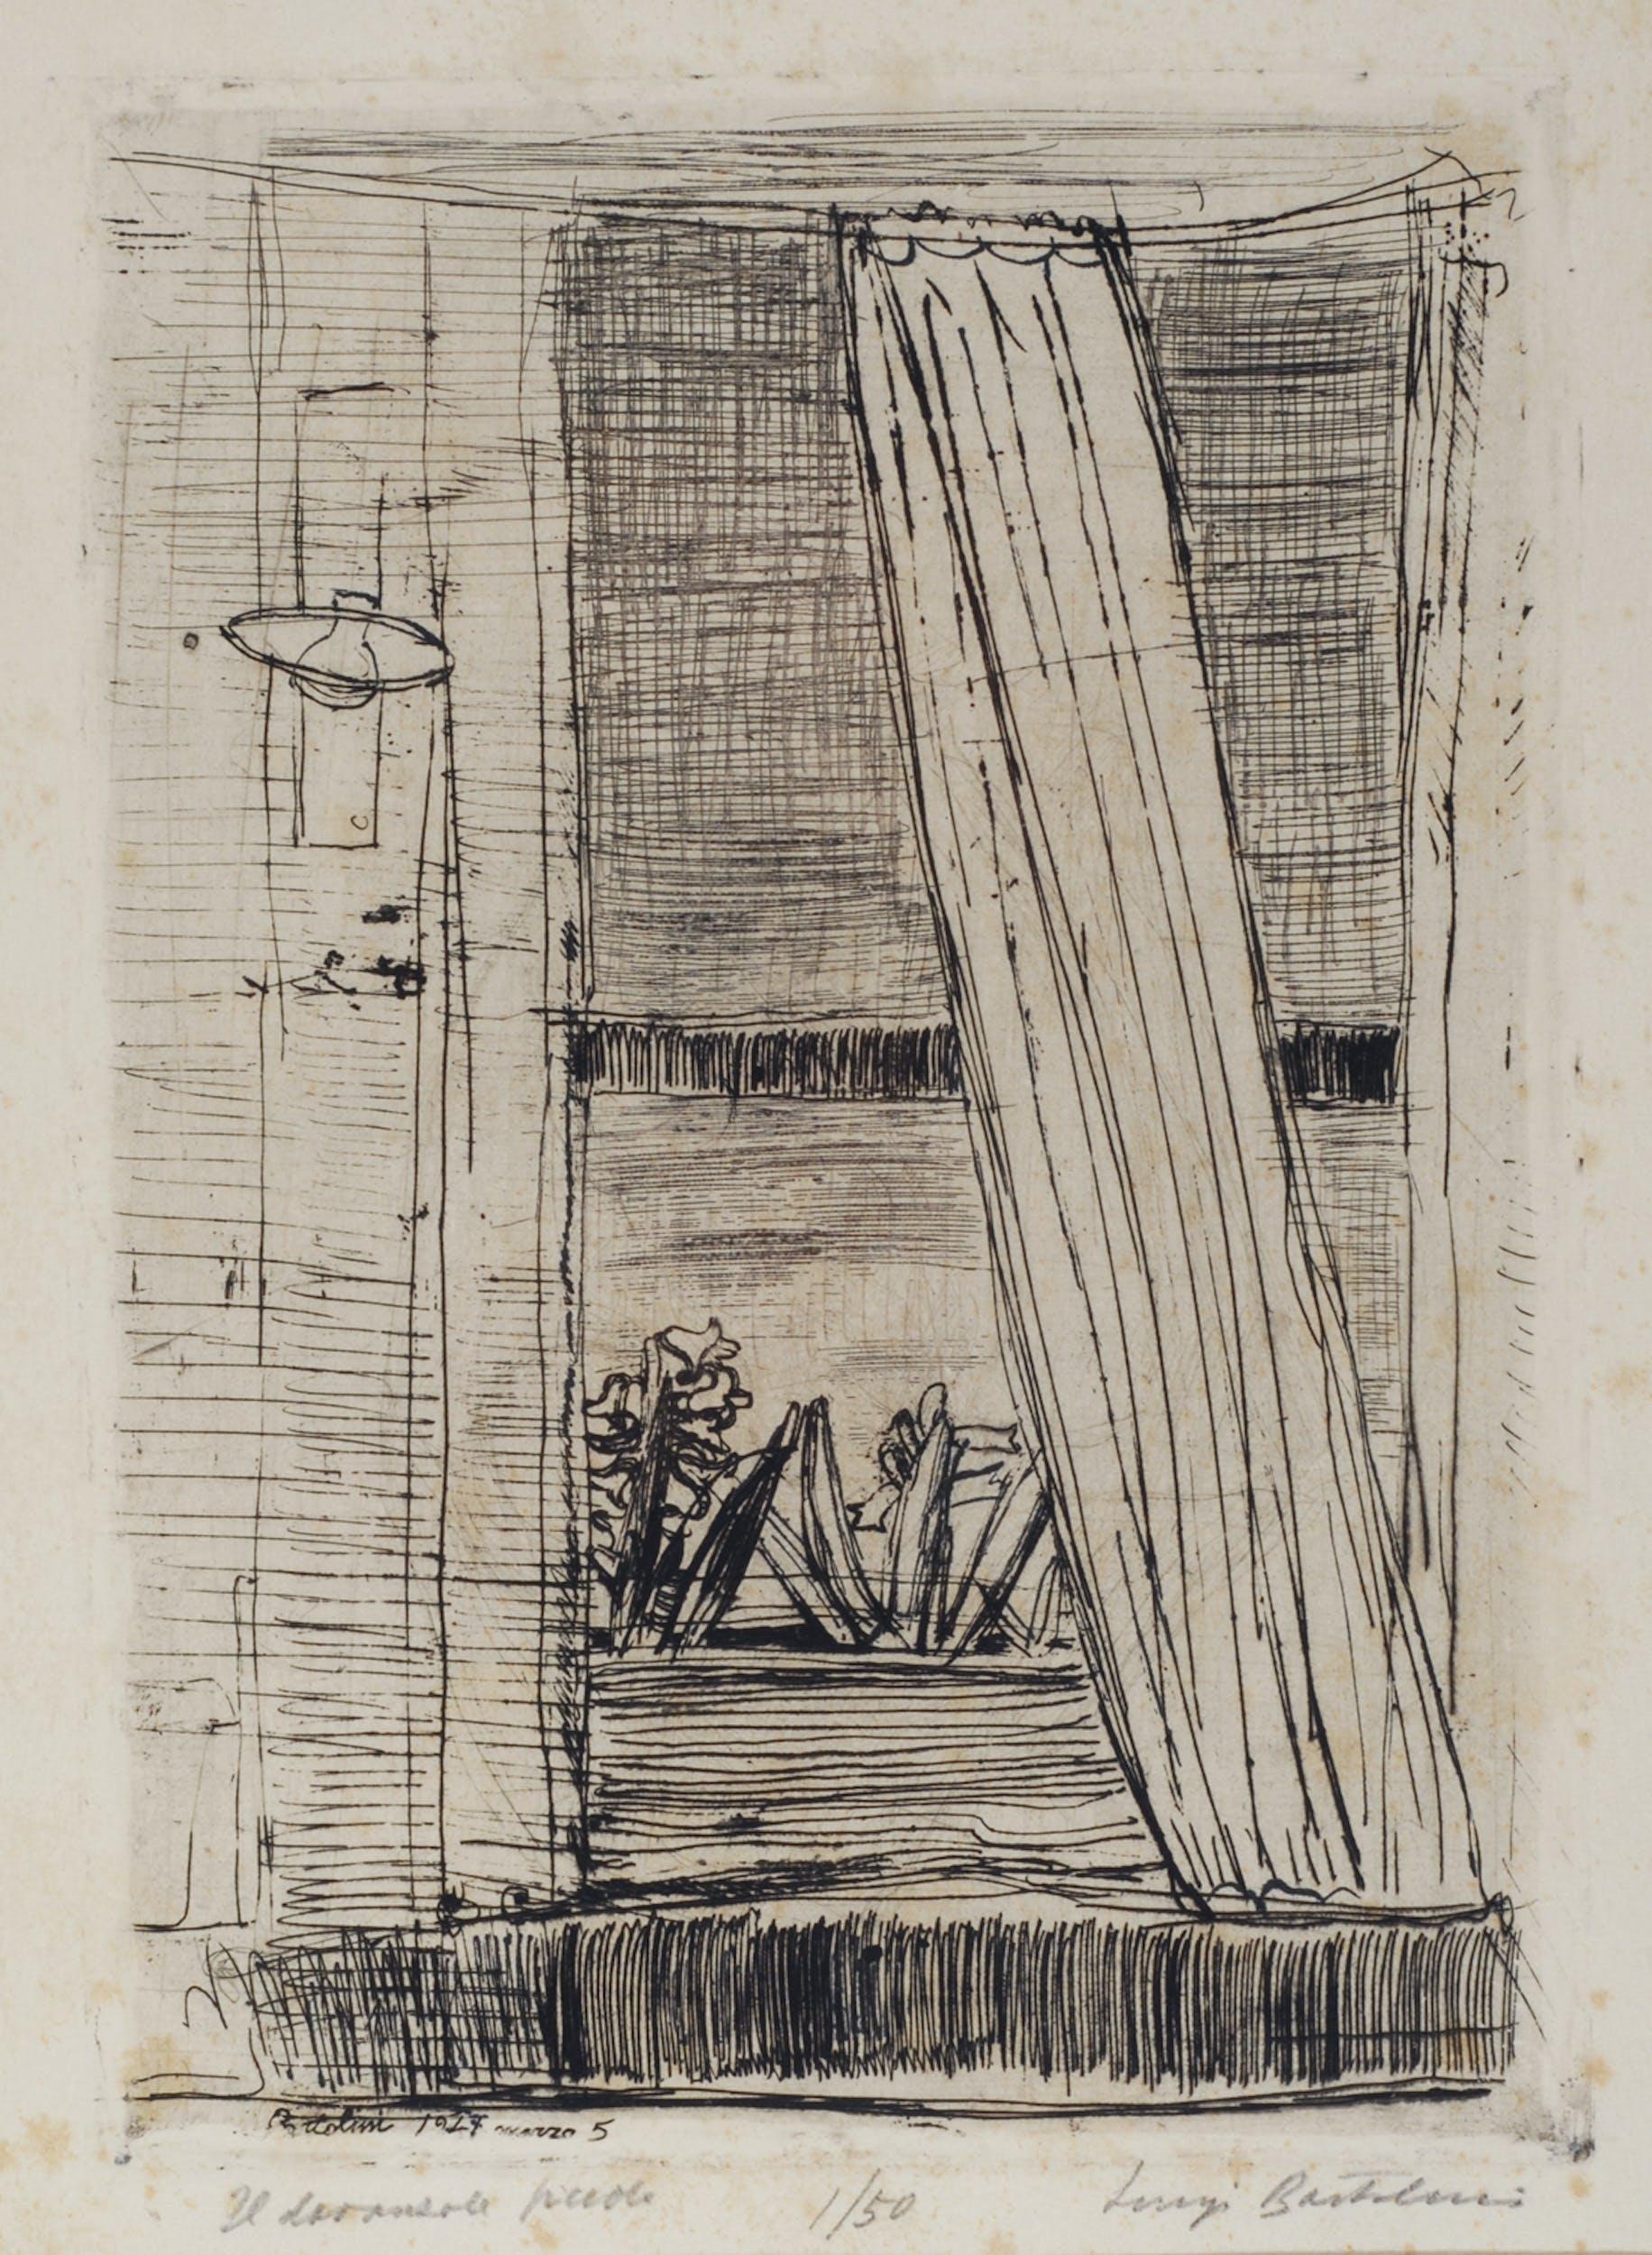 Luigi Bartolini, Il davanzale piccolo  1927